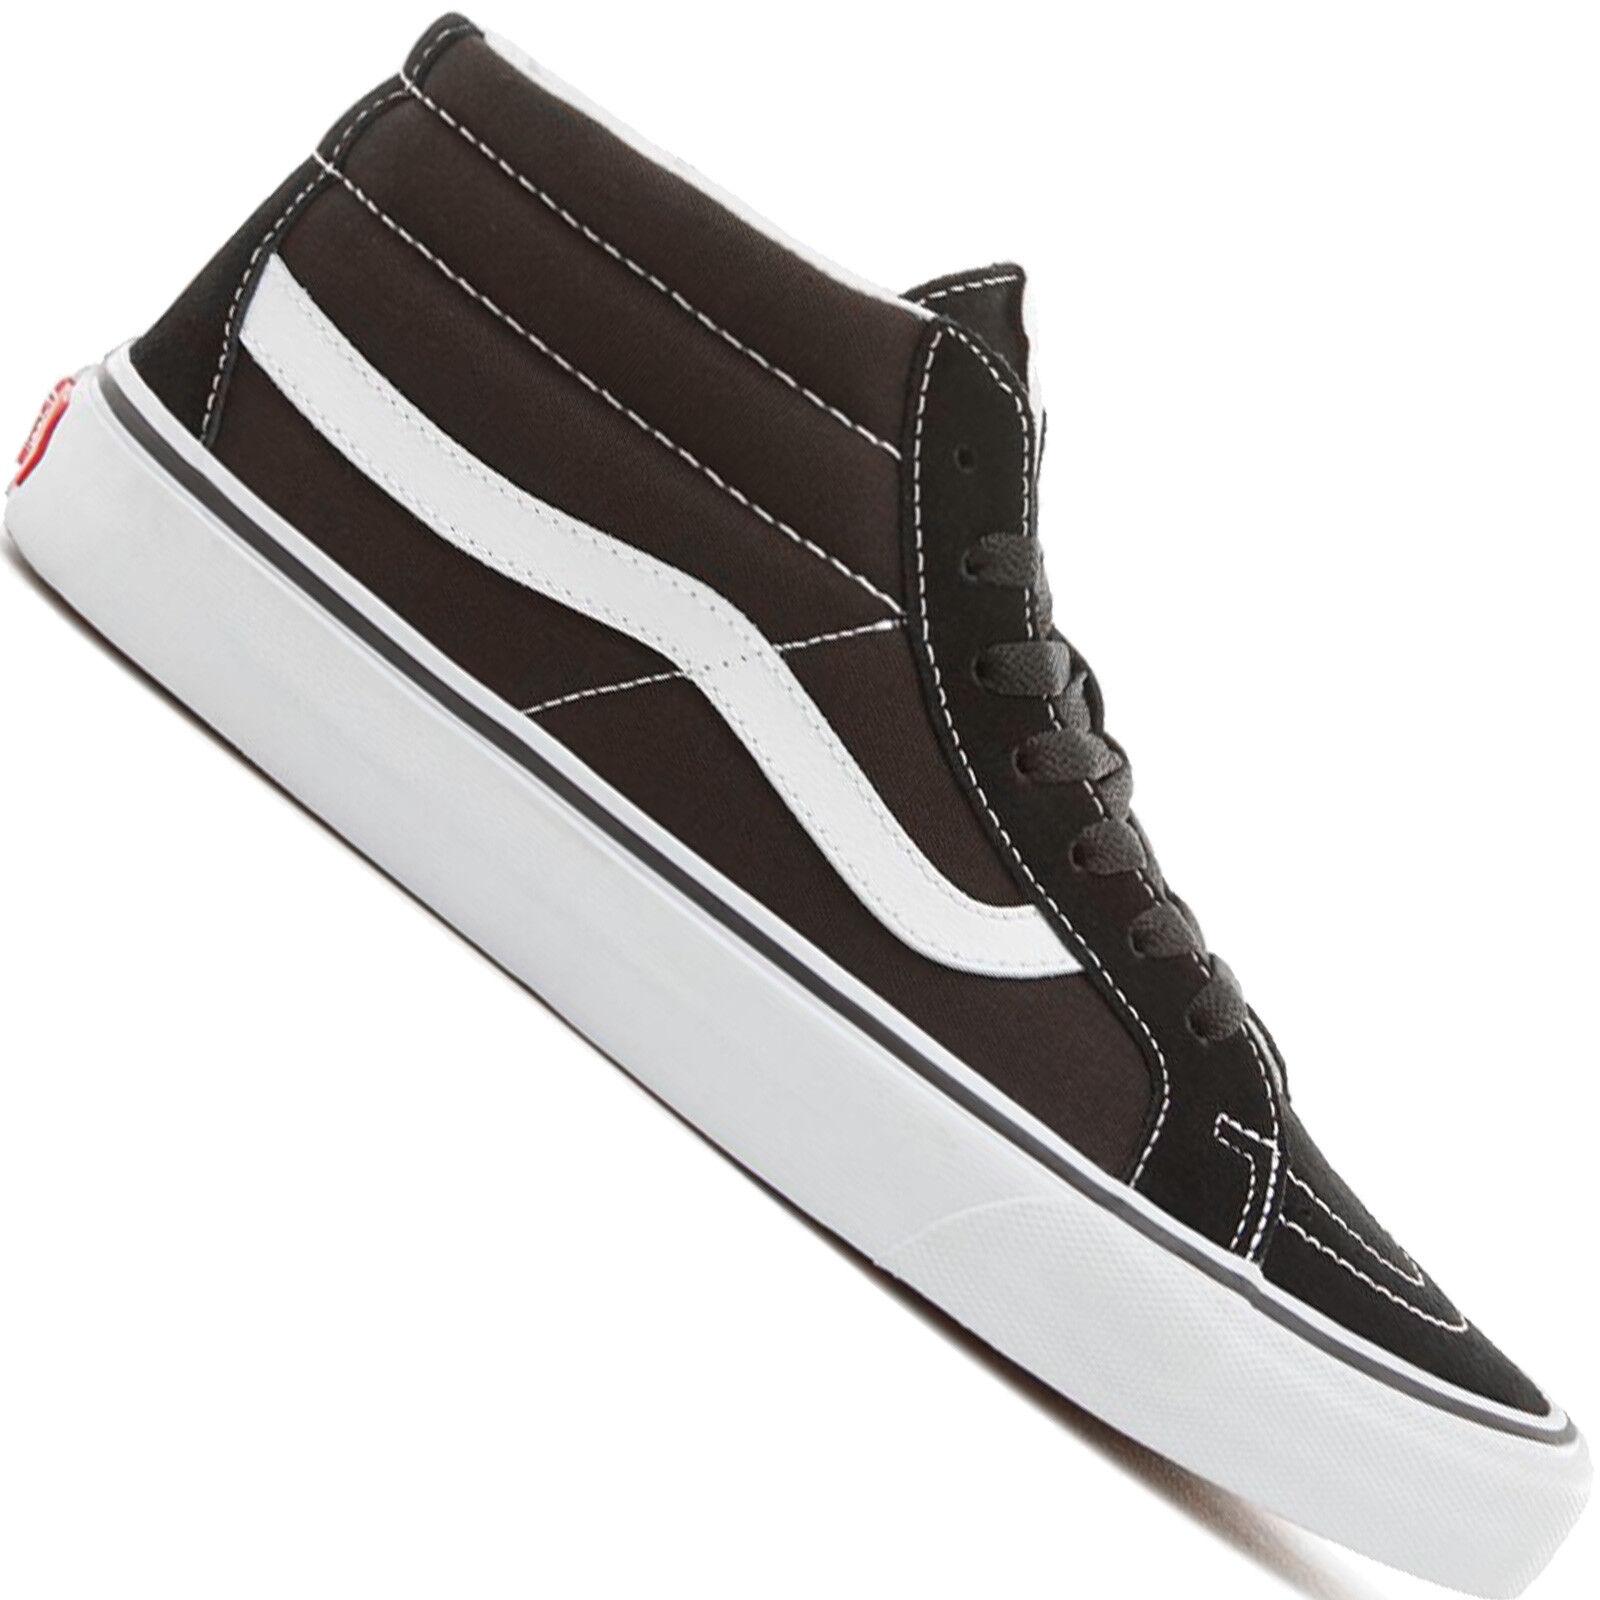 Vans Sk8-Mid Baskets Femmes Mid-Tops Chaussures de Patins Sport Skate Patins de Mi-Hauteur 959444